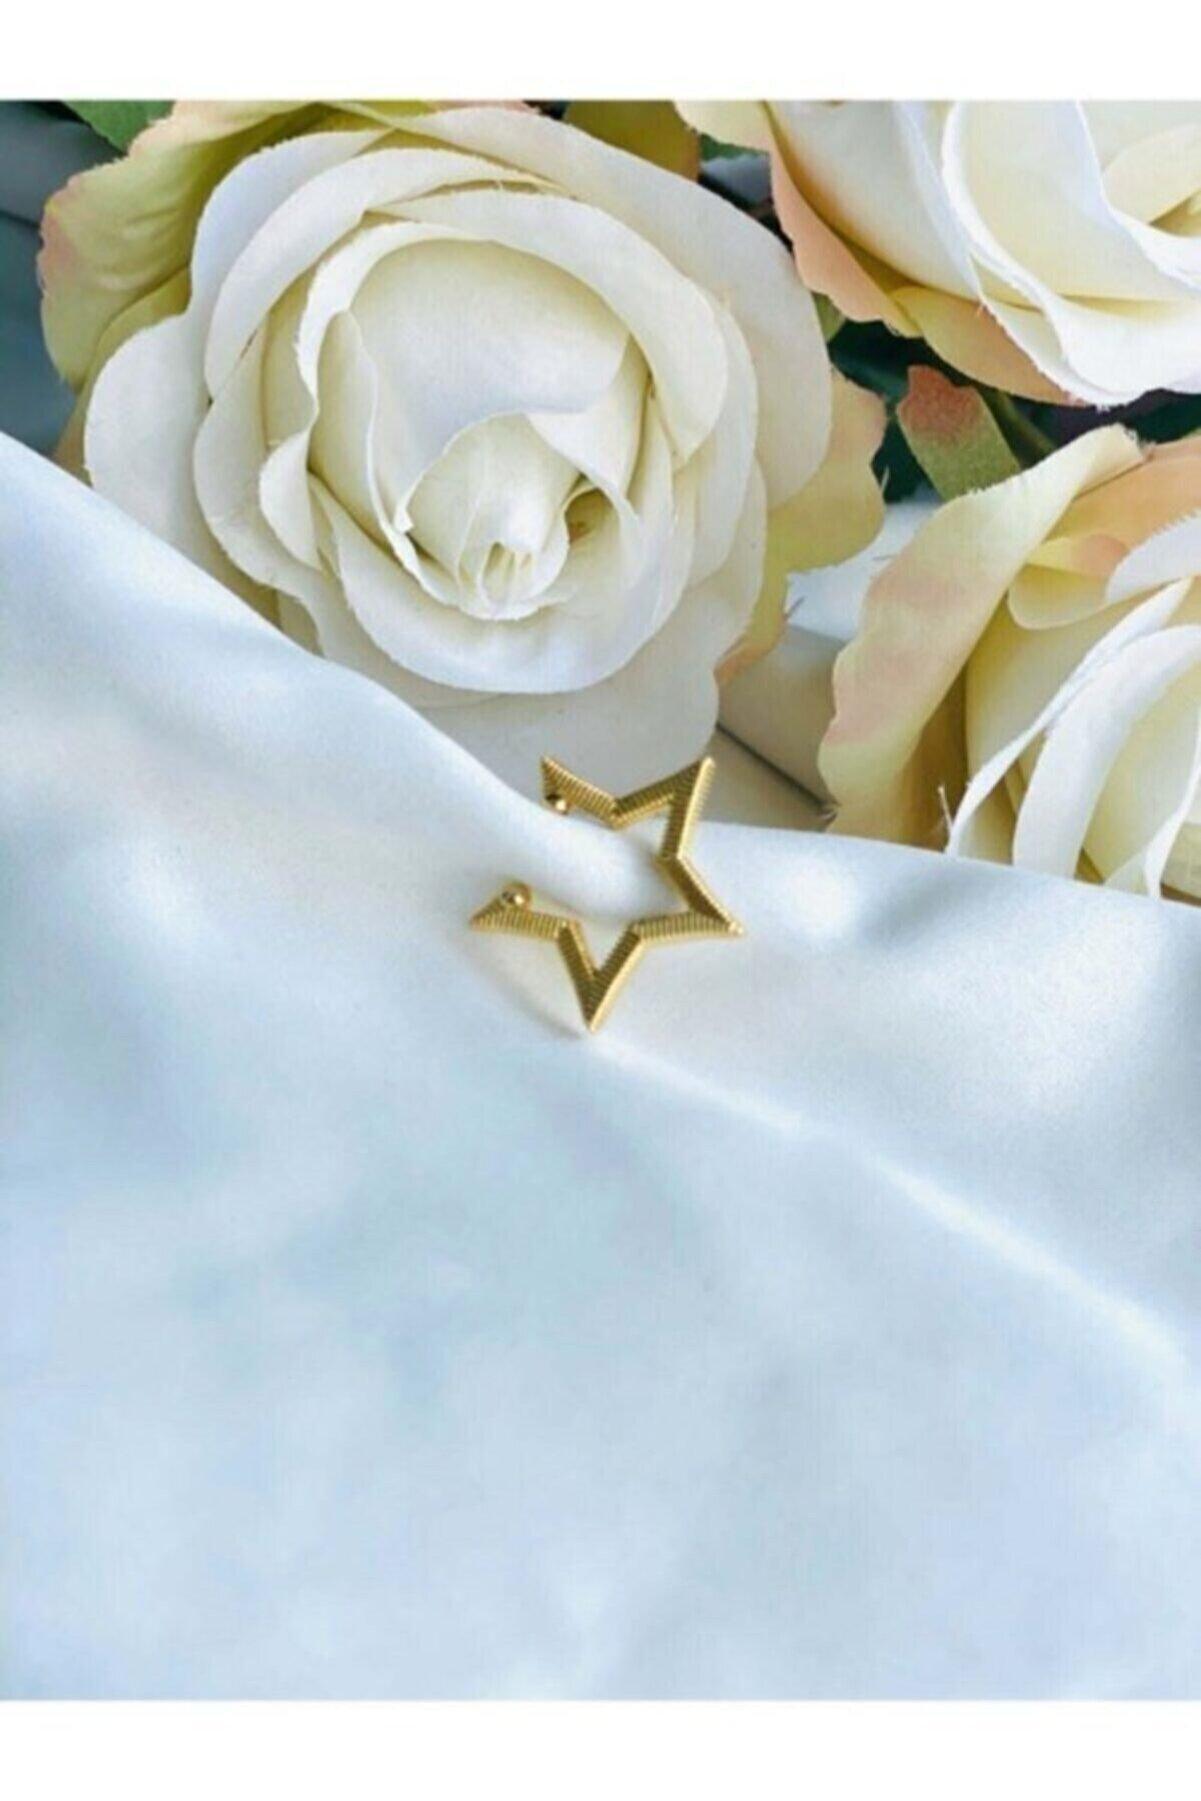 Eylülün Takısı Kadın Altın Renkli Yıldız Kıkırdak Küpe (EARCUFF)